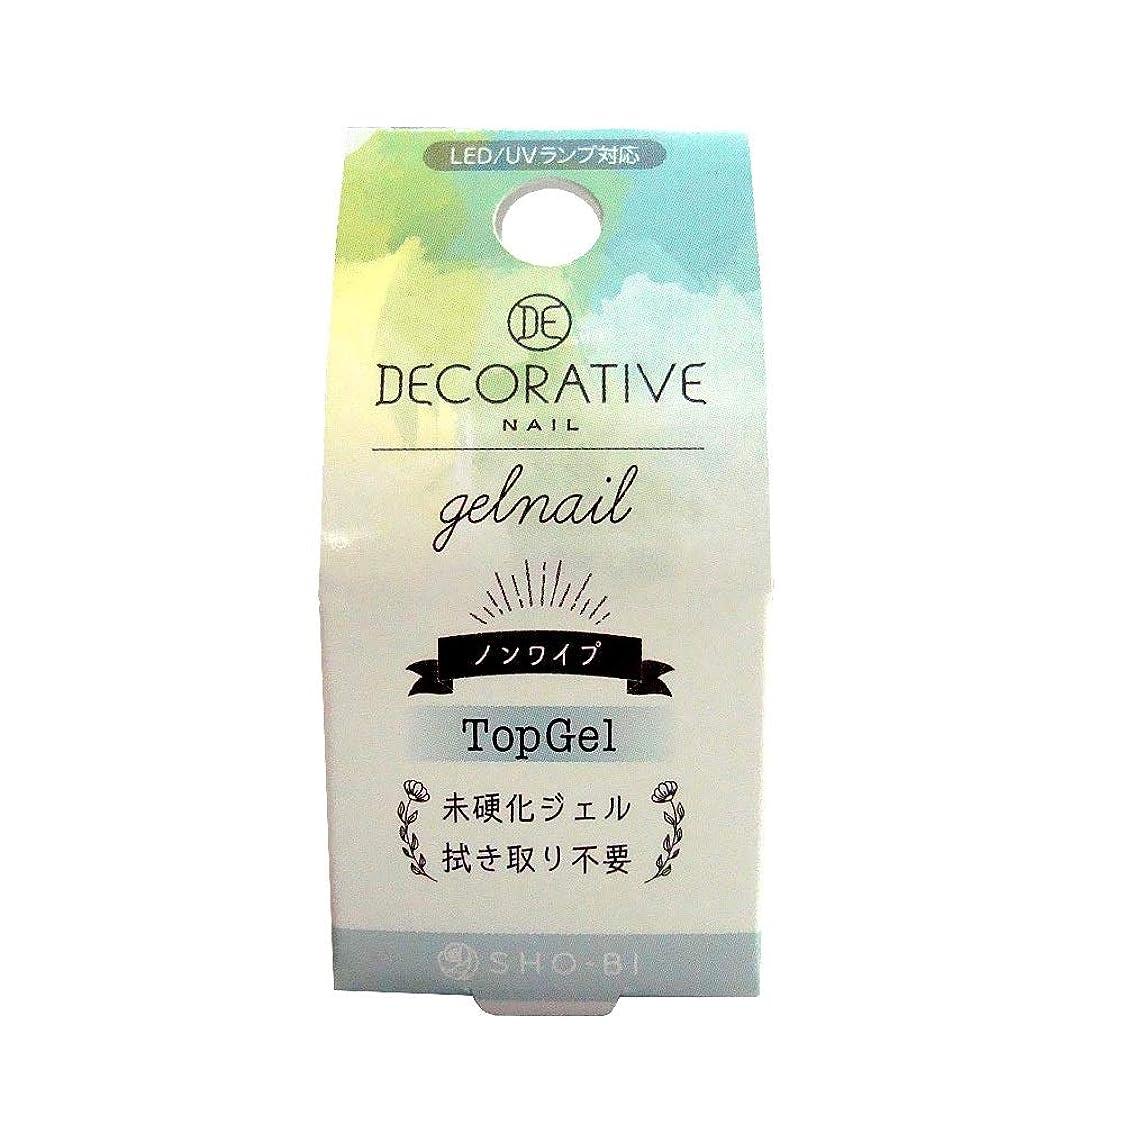 意志に反する錆び甘美なDECORATIVE NAIL デコラティブネイル ジェルネイル トップジェル TN81173